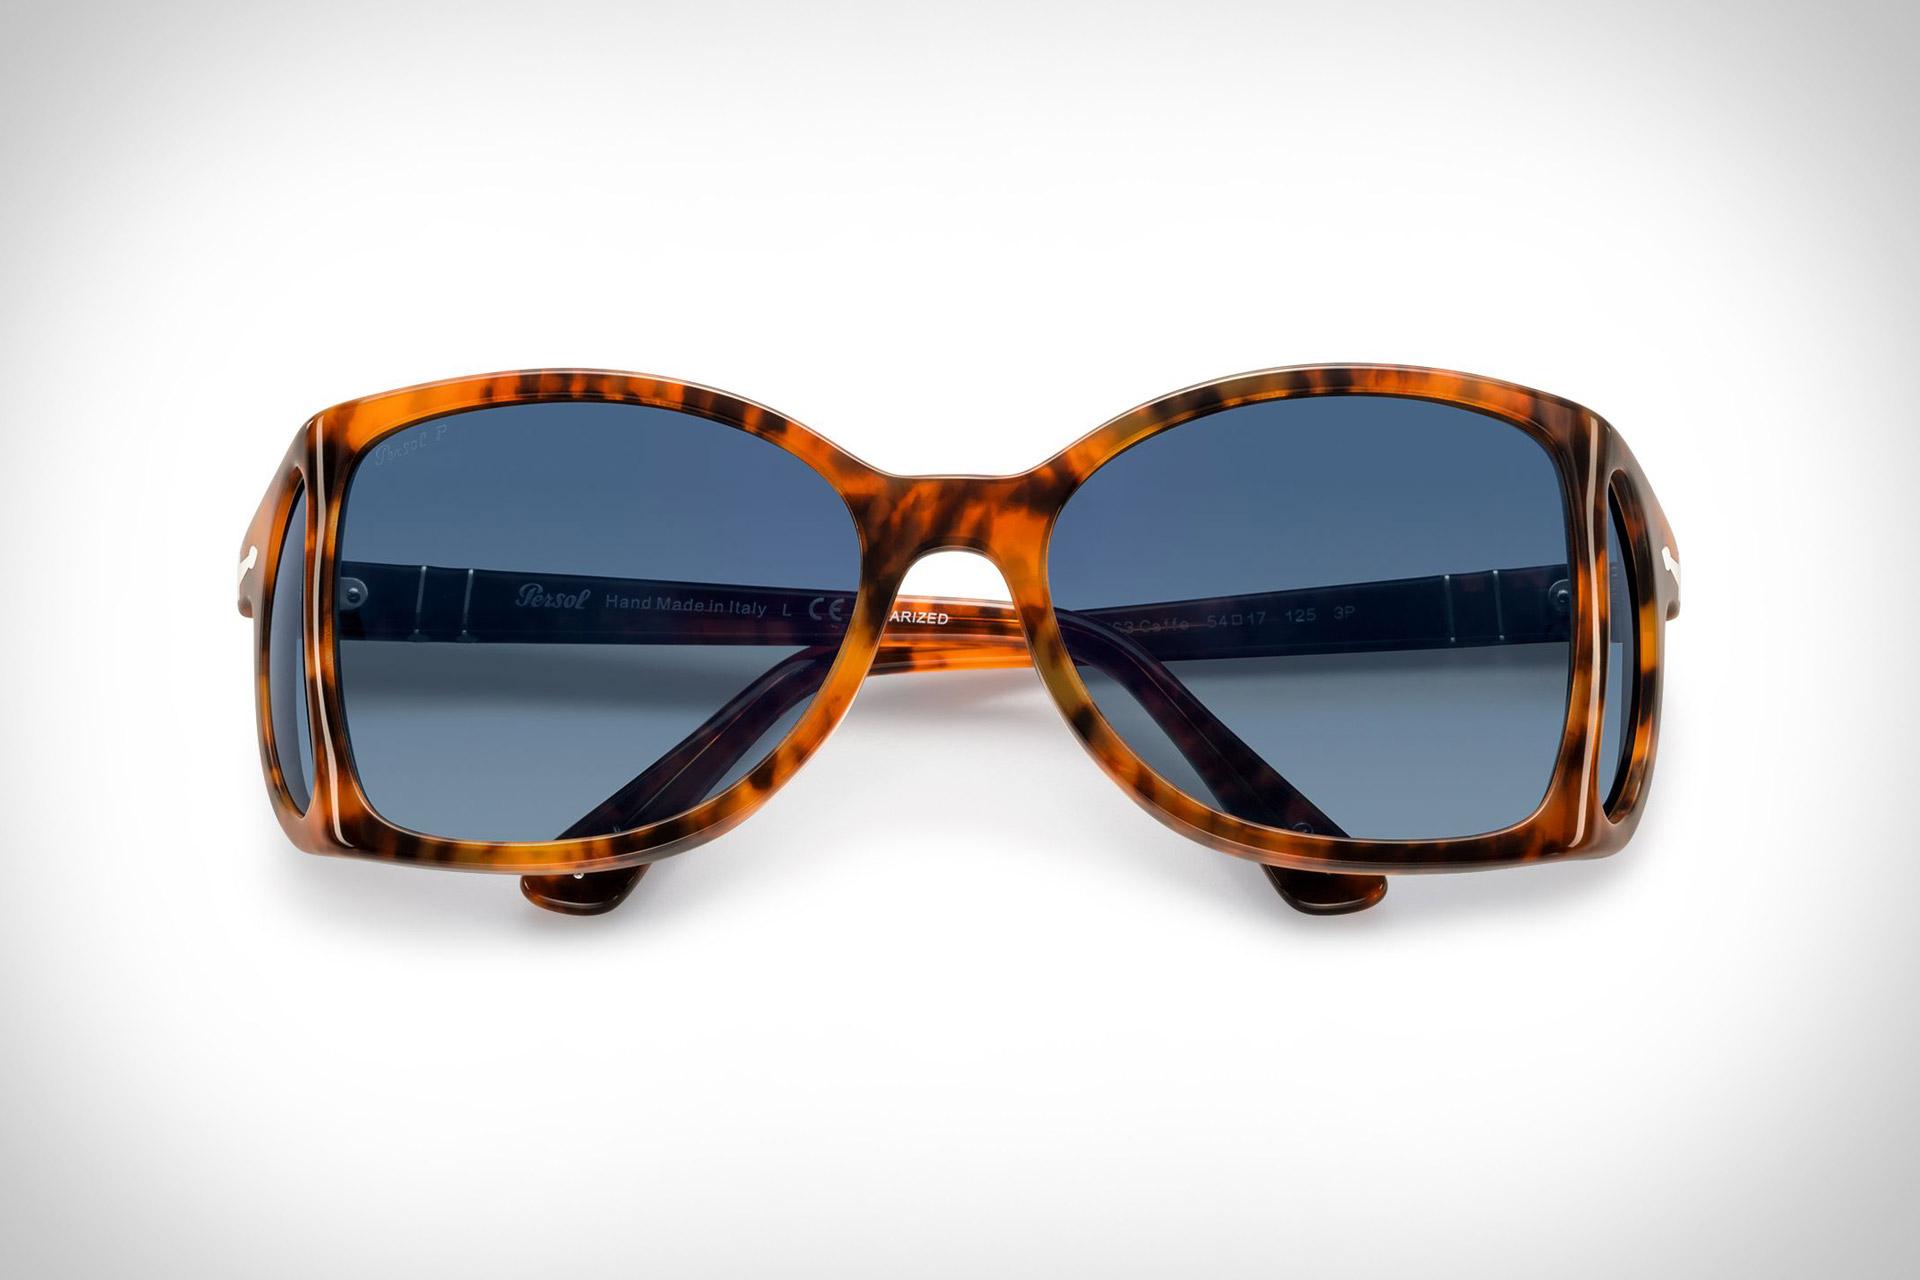 d11ea3dfaadf Persol 4 Lenses Sunglasses | Uncrate